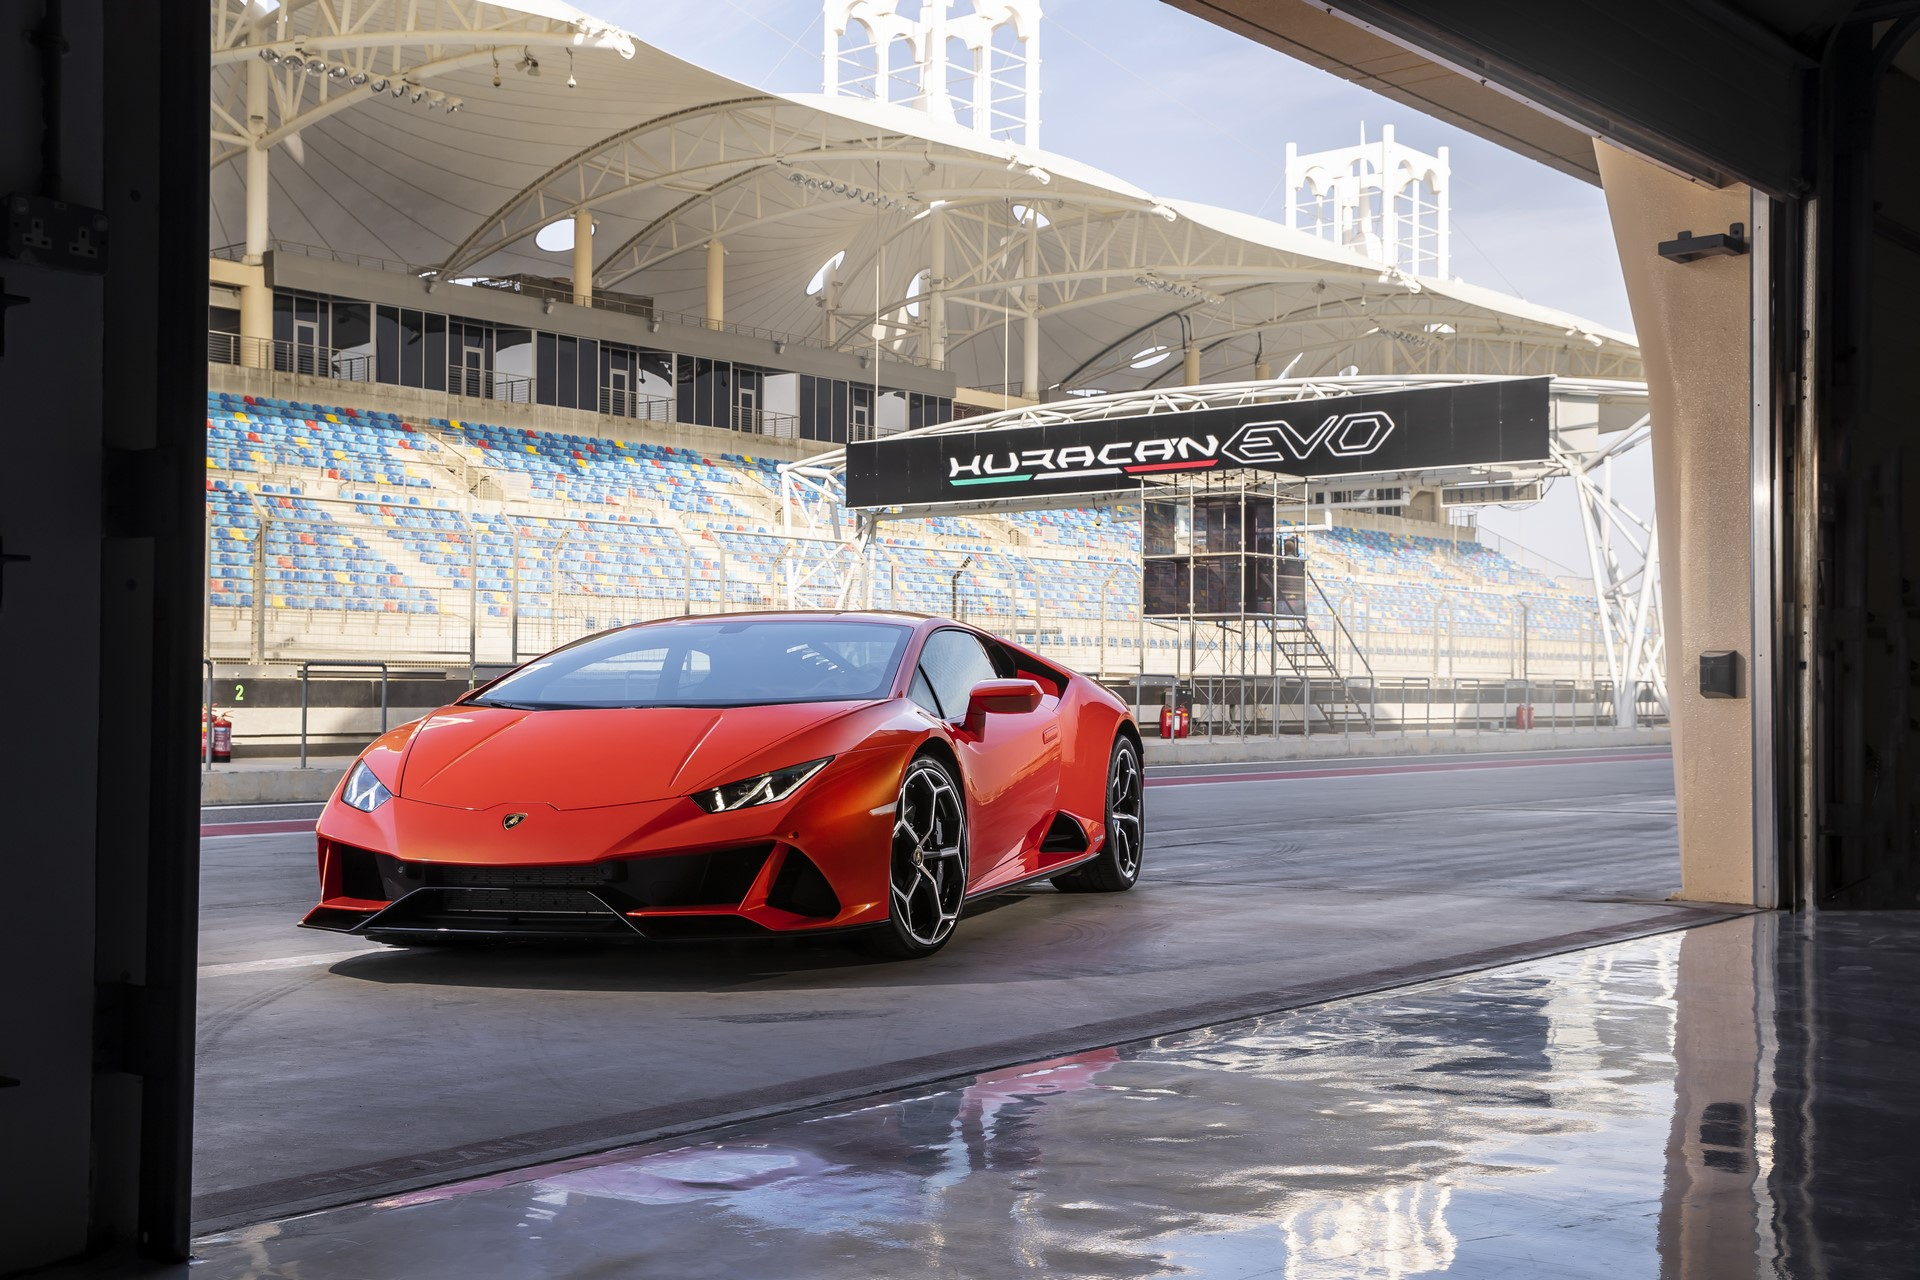 Lamborghini Huracan Evo 2019 (60)